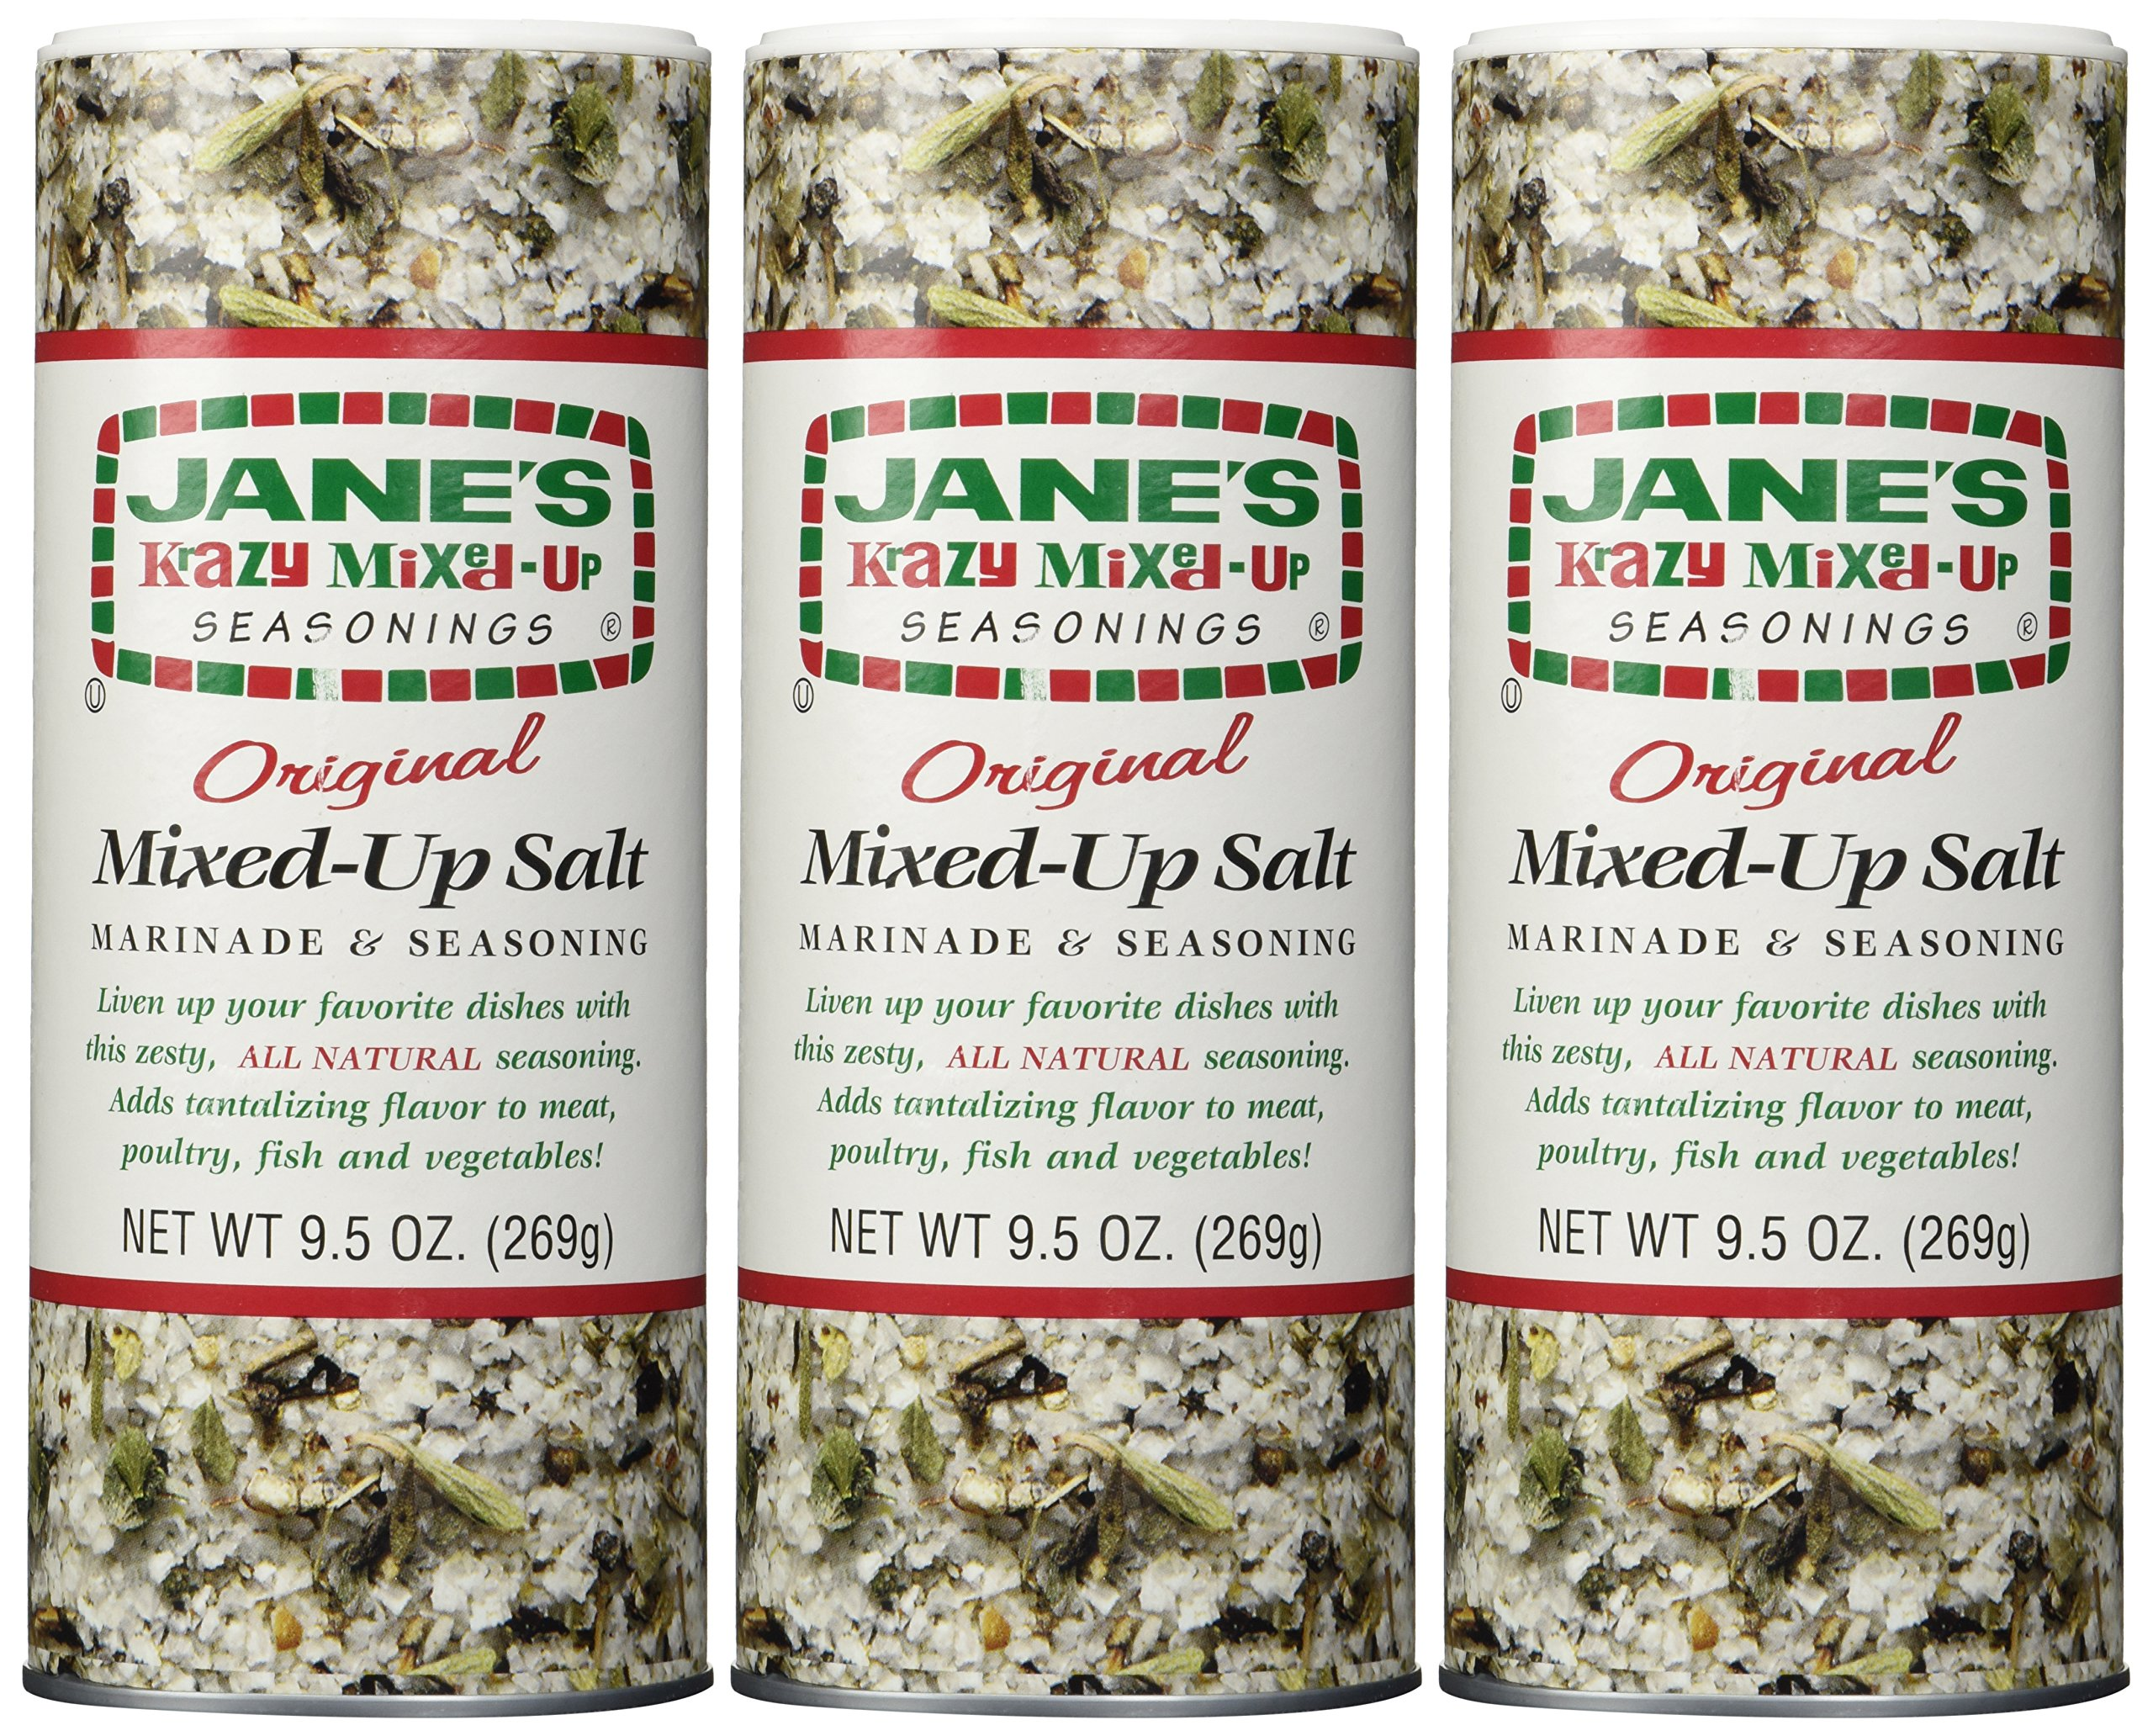 Jane's Krazy Mixed-Up Original Salt Blend 9.5 oz (Pack of 3) by Jane S (Image #1)